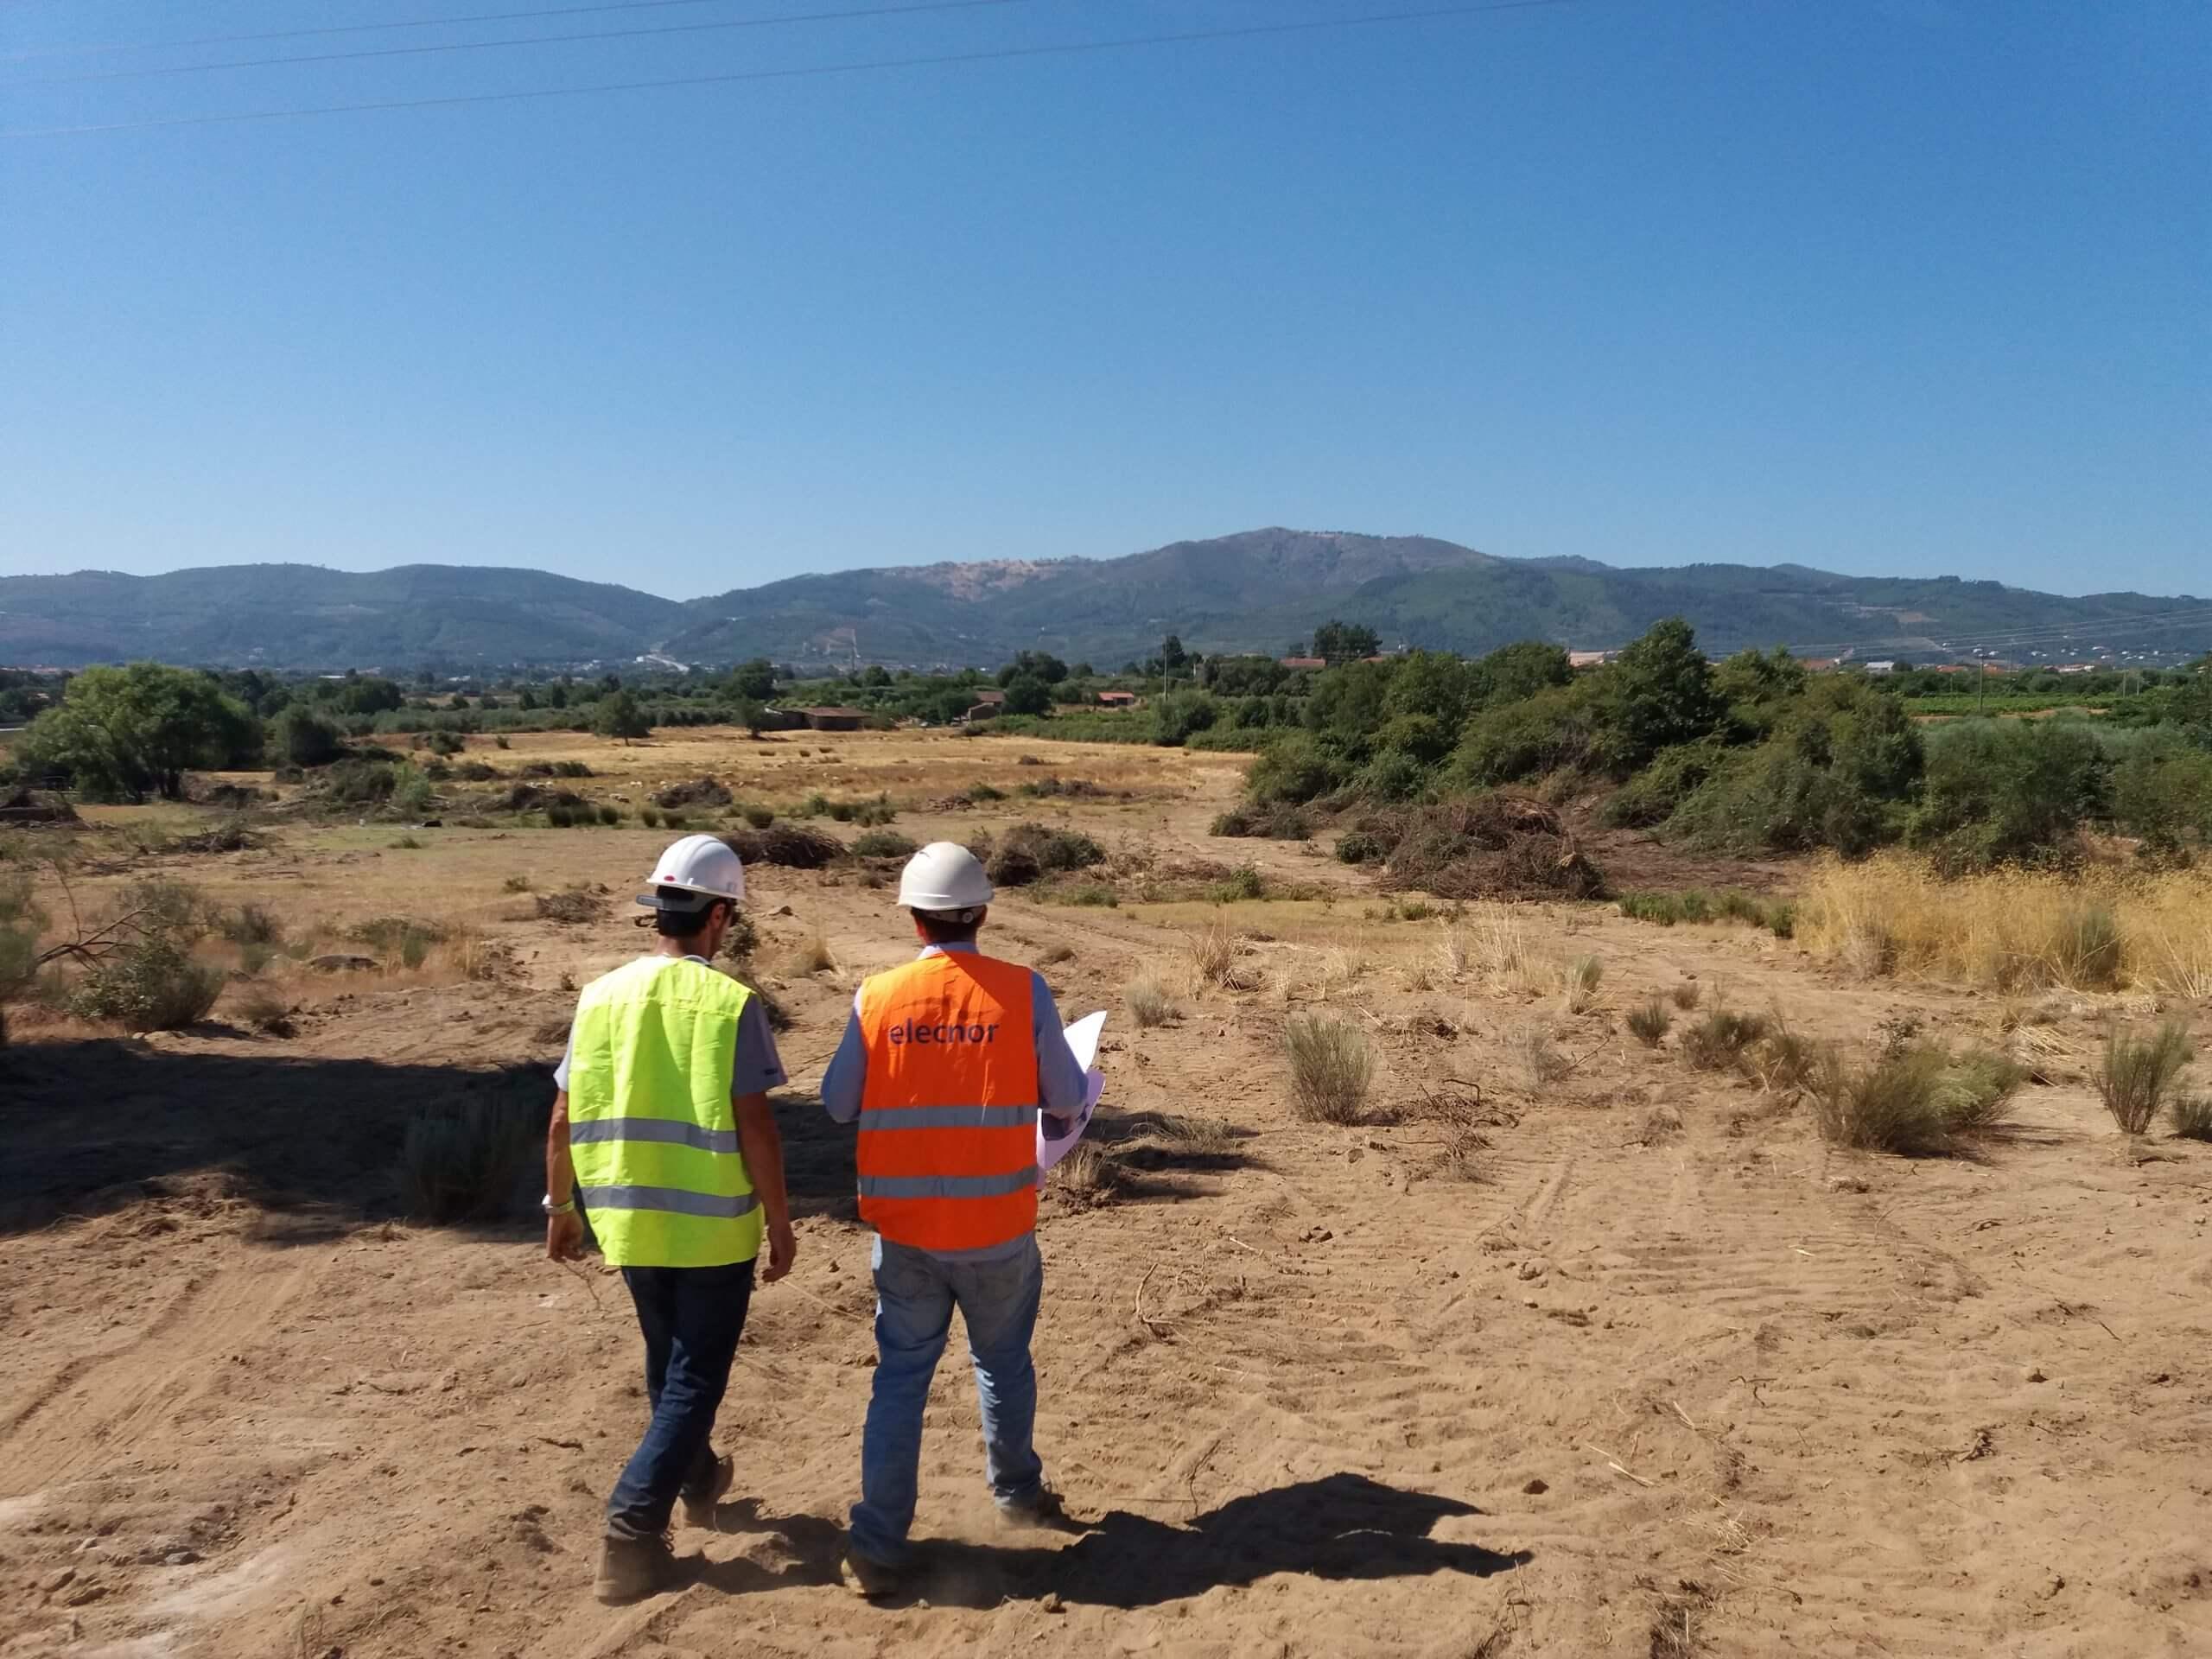 2-Fund∆o-Central-de-Biomassa-JFonseca-Coordenaá∆o-de-Seguranáa-em-obra